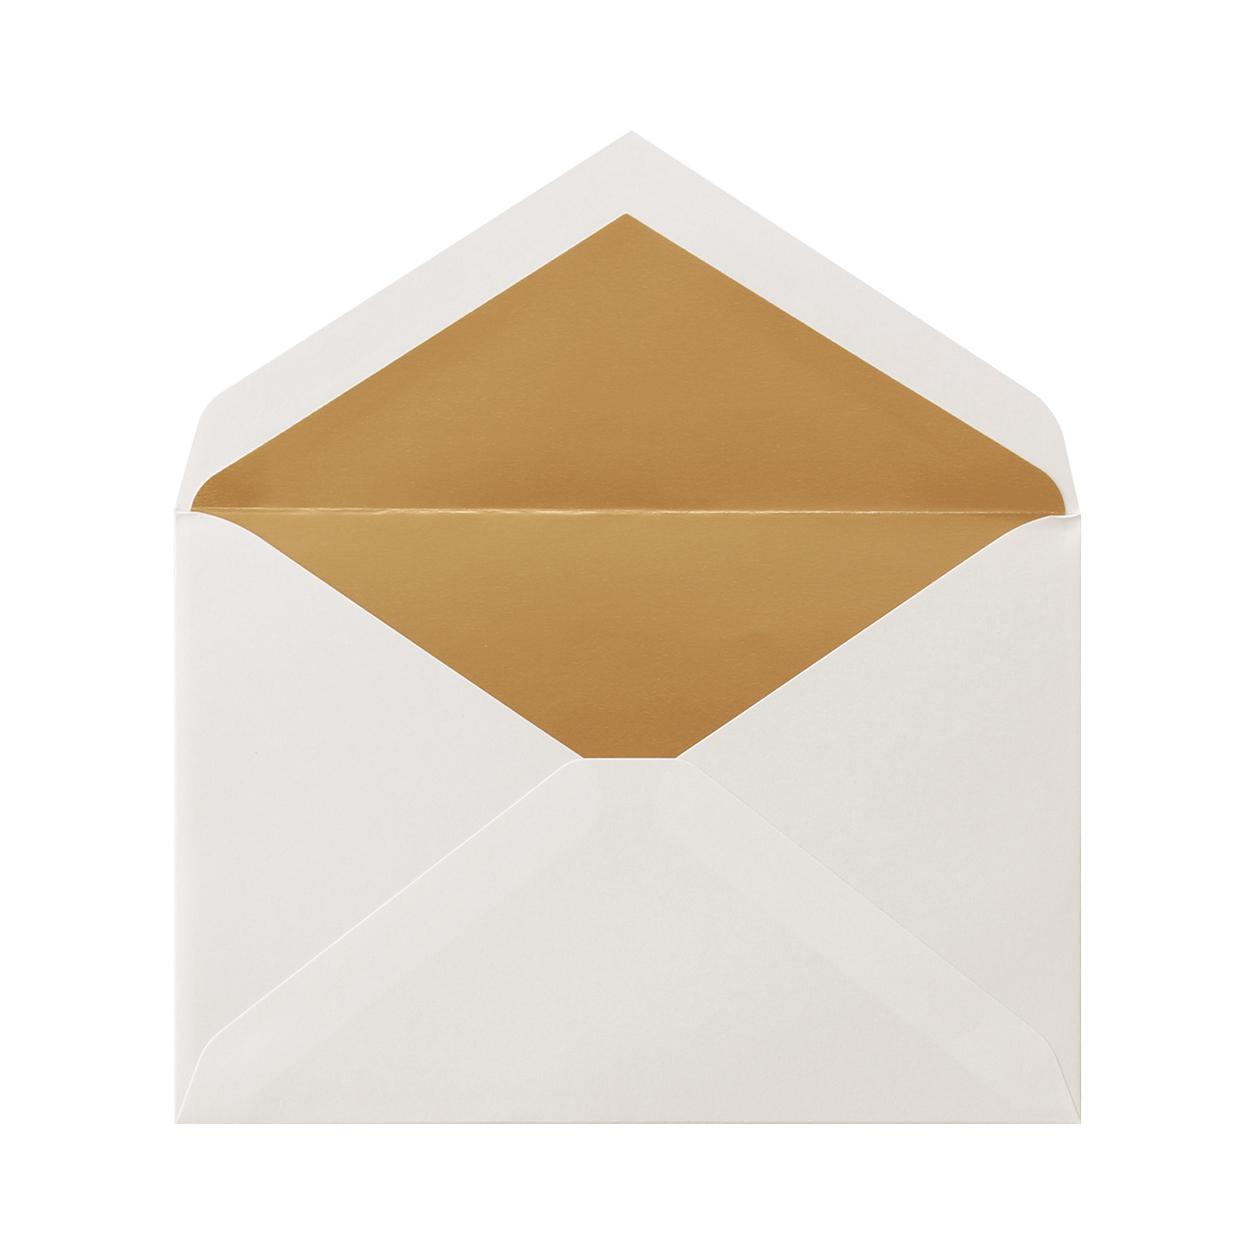 洋1ダイア二重封筒 コットン スノーホワイト ゴールド 116.3g